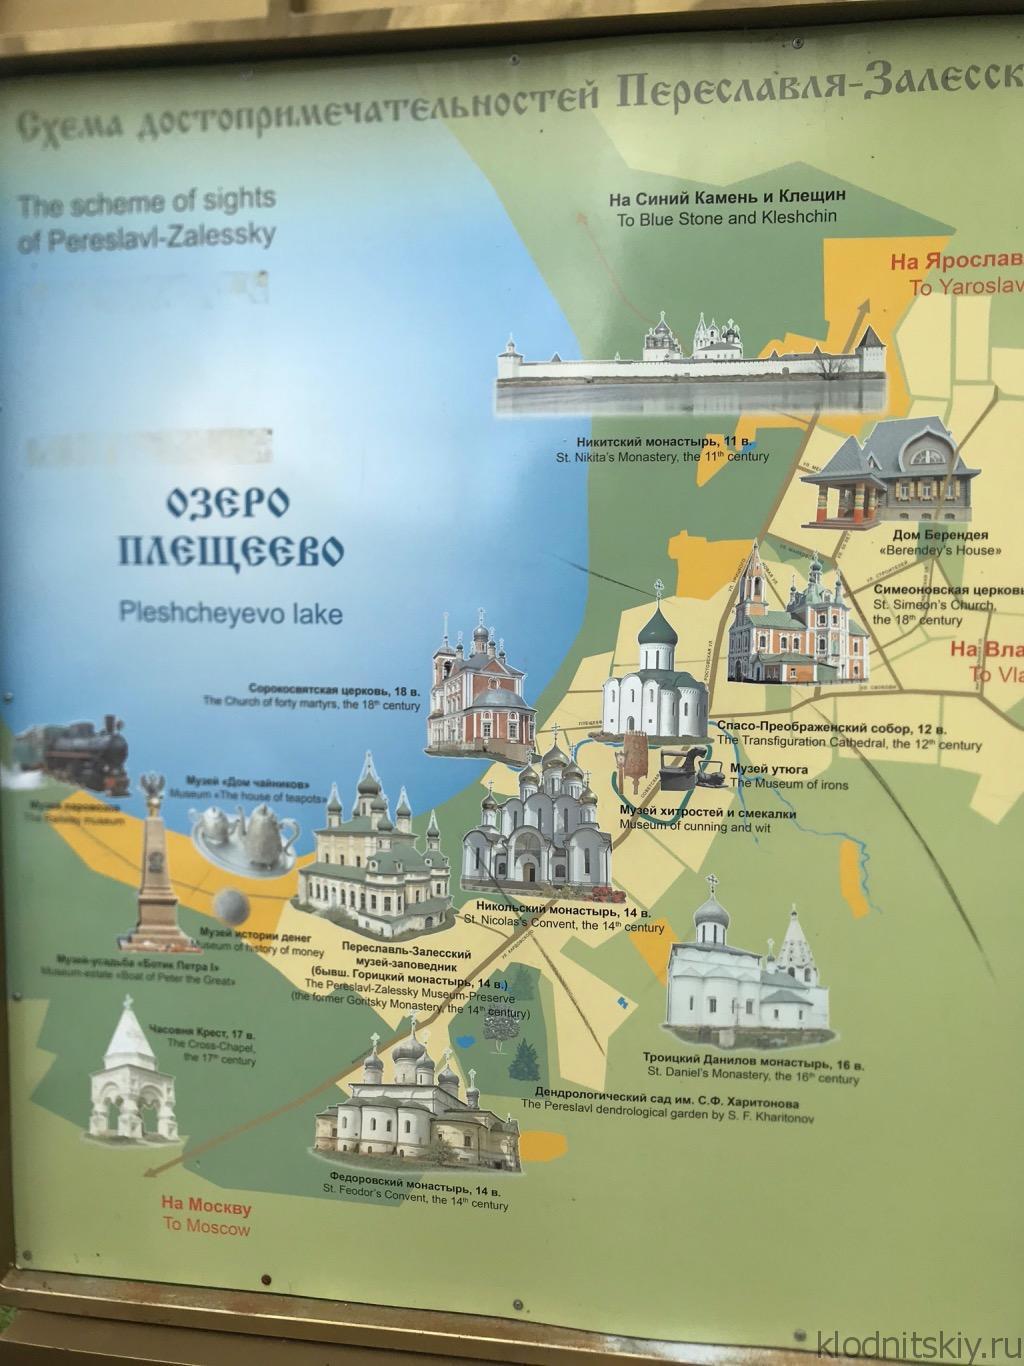 Автопутешествие по золотому кольцу. Кремль Переславль-Залесский.